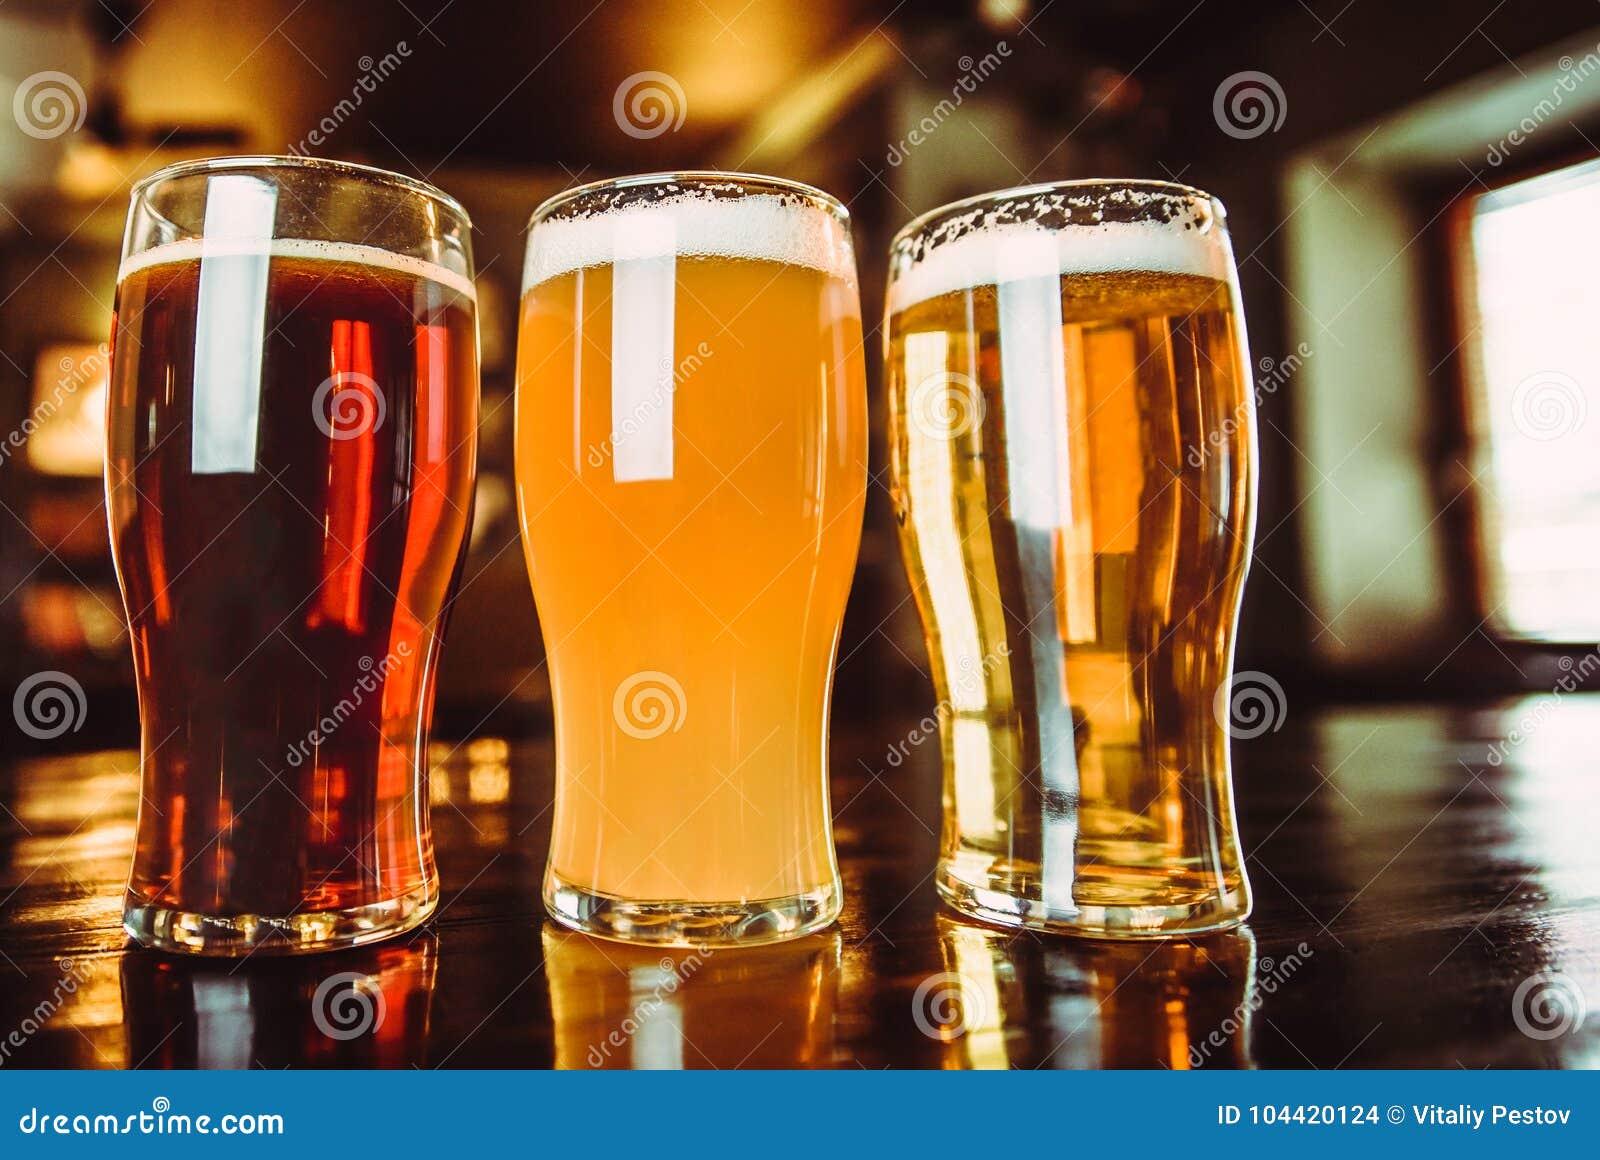 Vidros da cerveja clara e escura em um fundo do bar